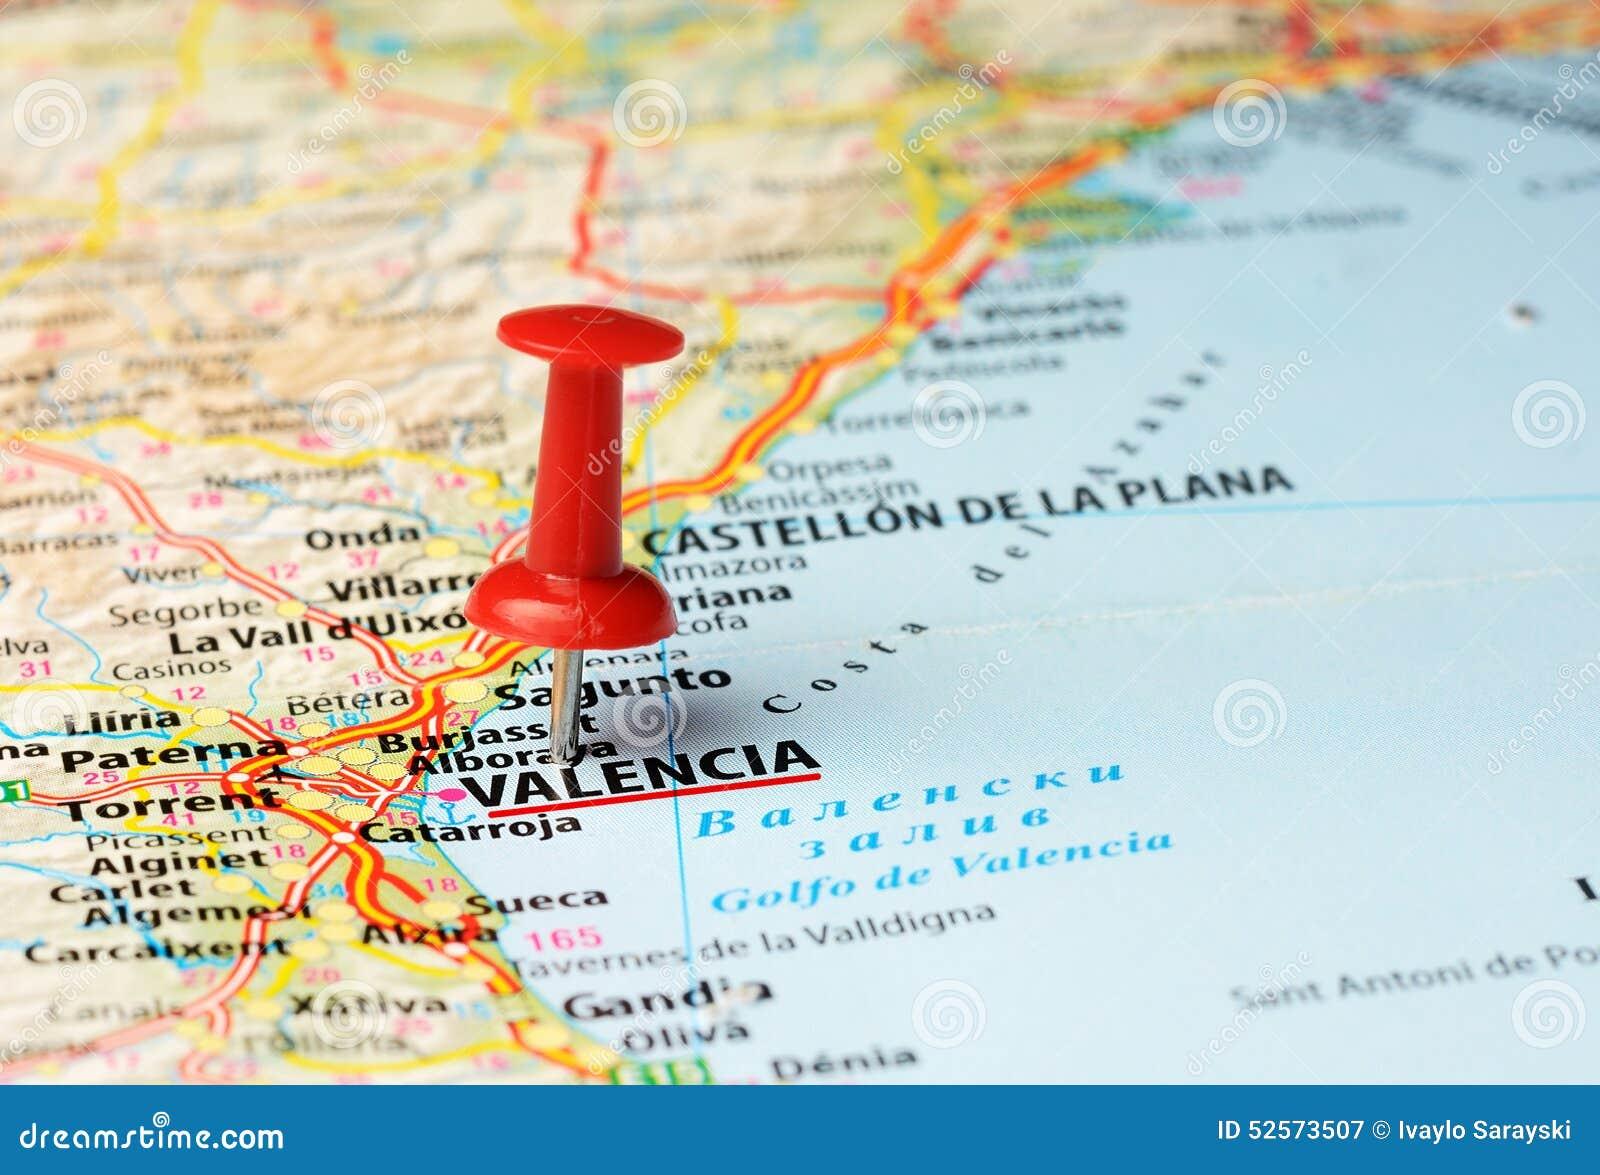 Carte de Valence, Espagne image stock. Image du poussée   52573507